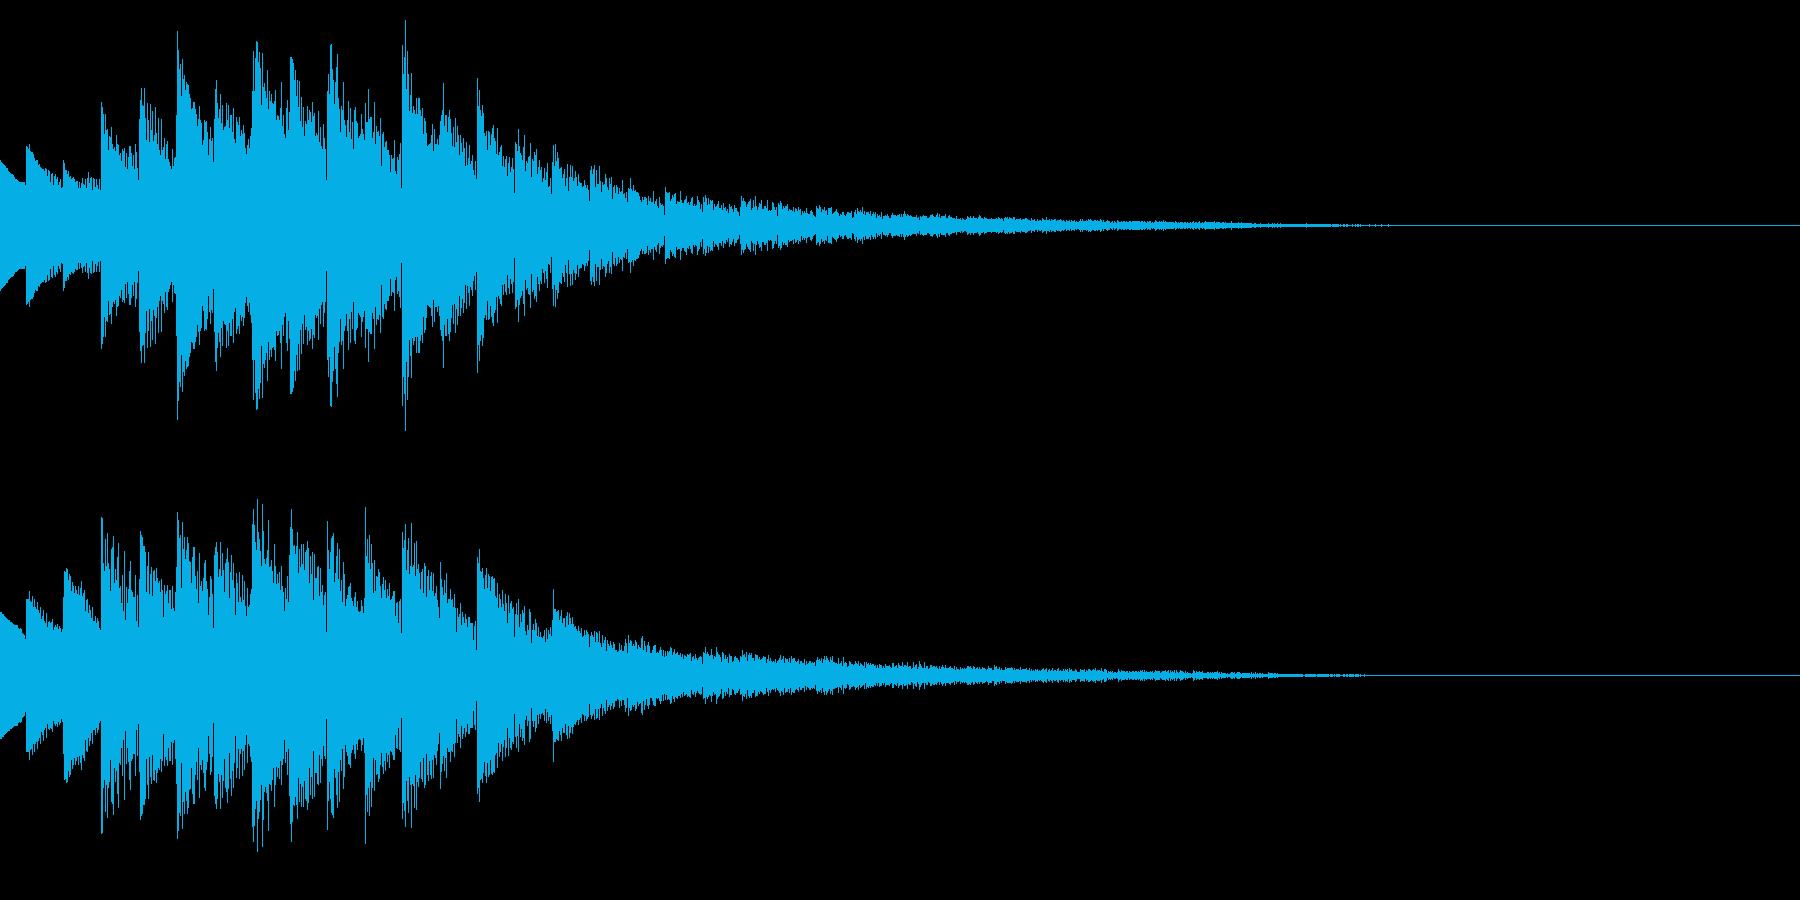 キラキラ/ニュース/映像/場面転換の再生済みの波形